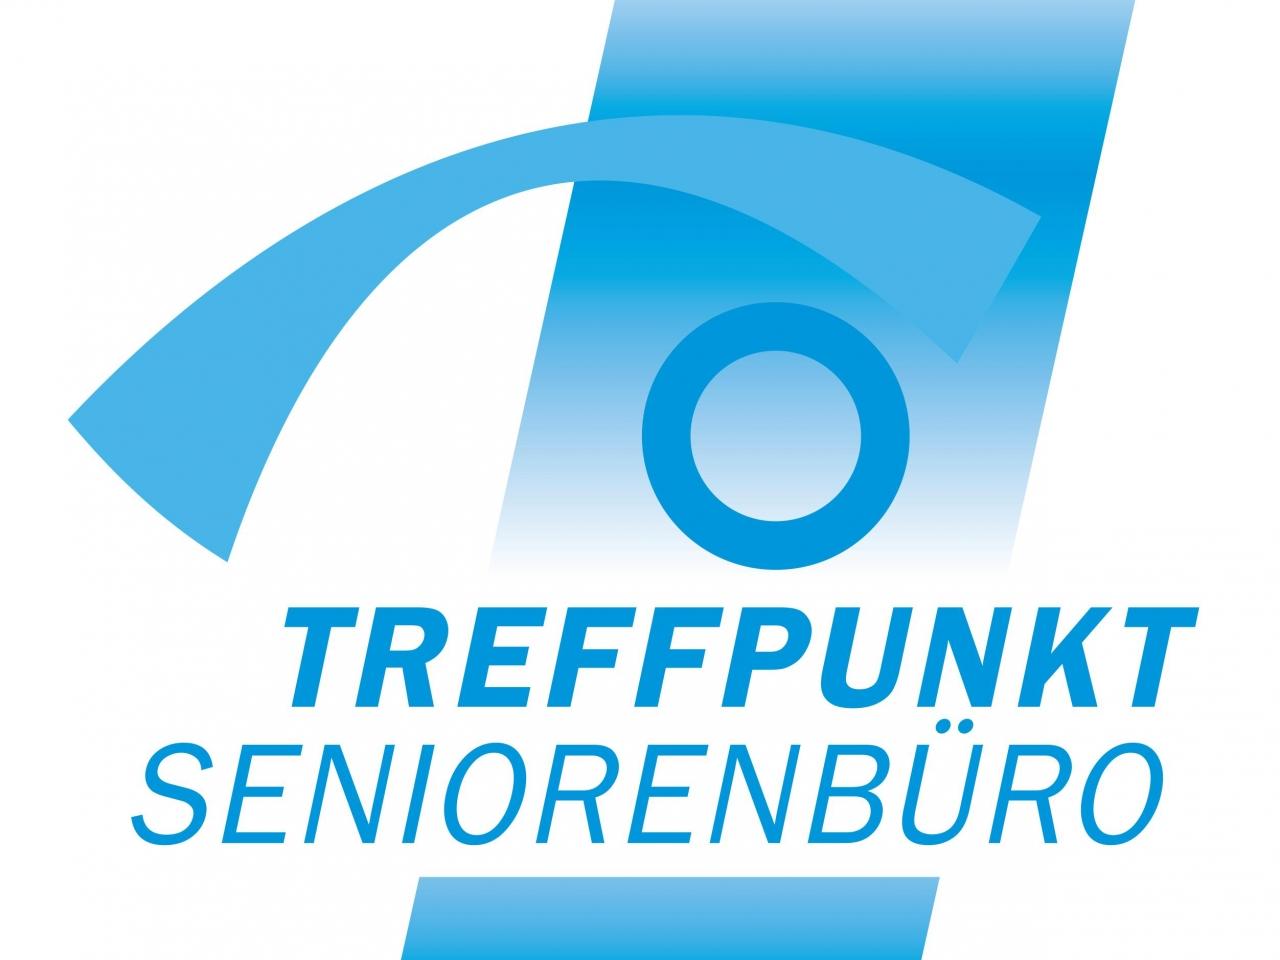 Man sieht das Logo des Treffpunkt Seniorenbüro.